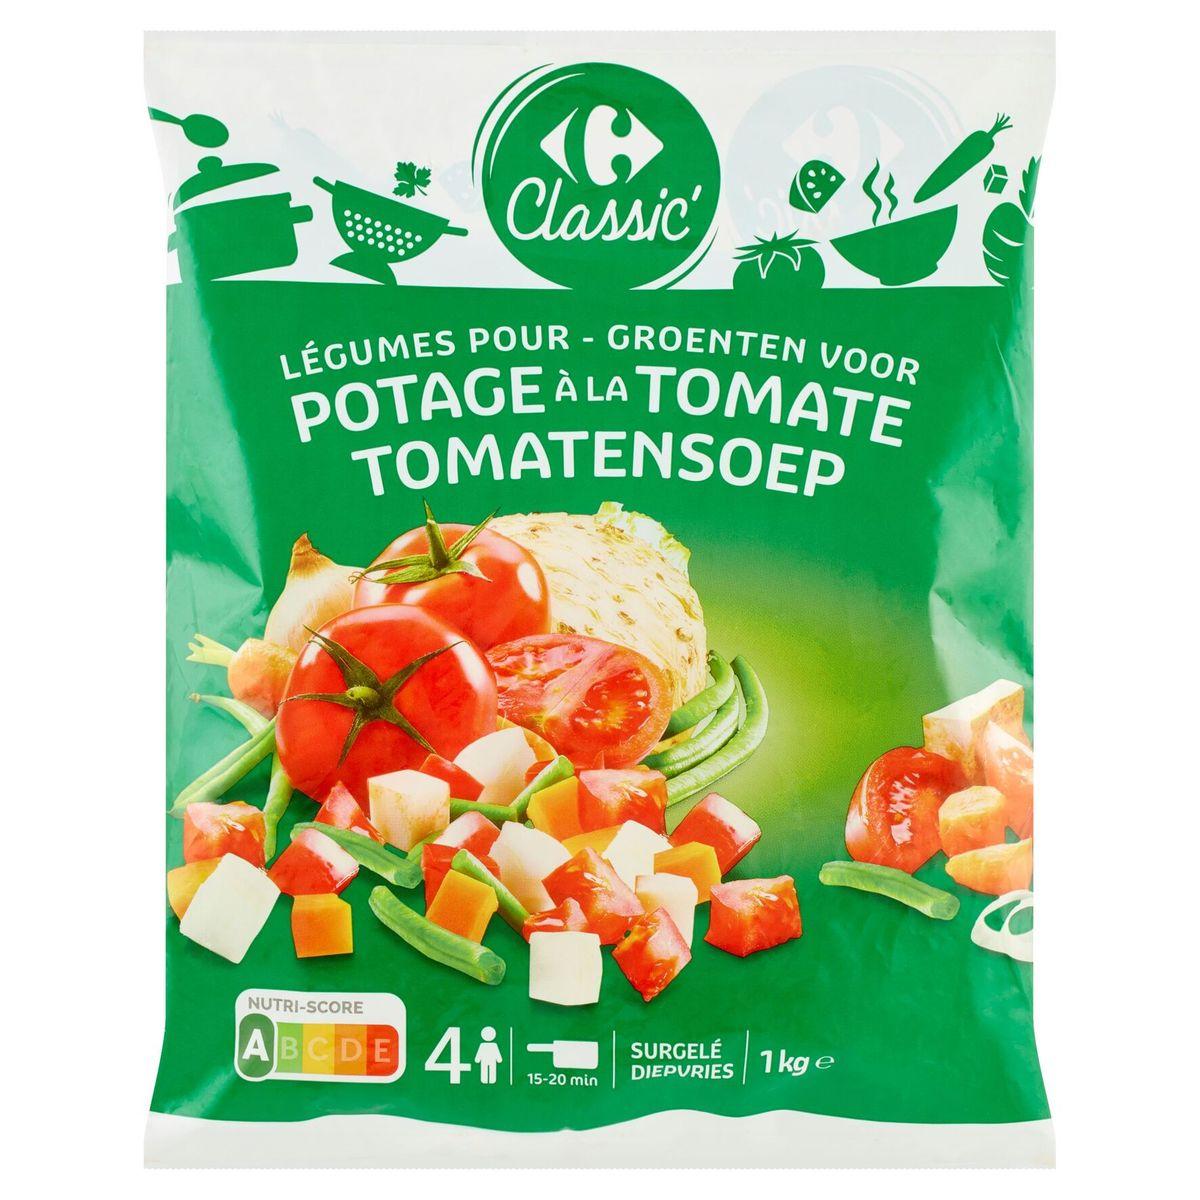 Carrefour Classic' Groenten voor Tomatensoep 1 kg